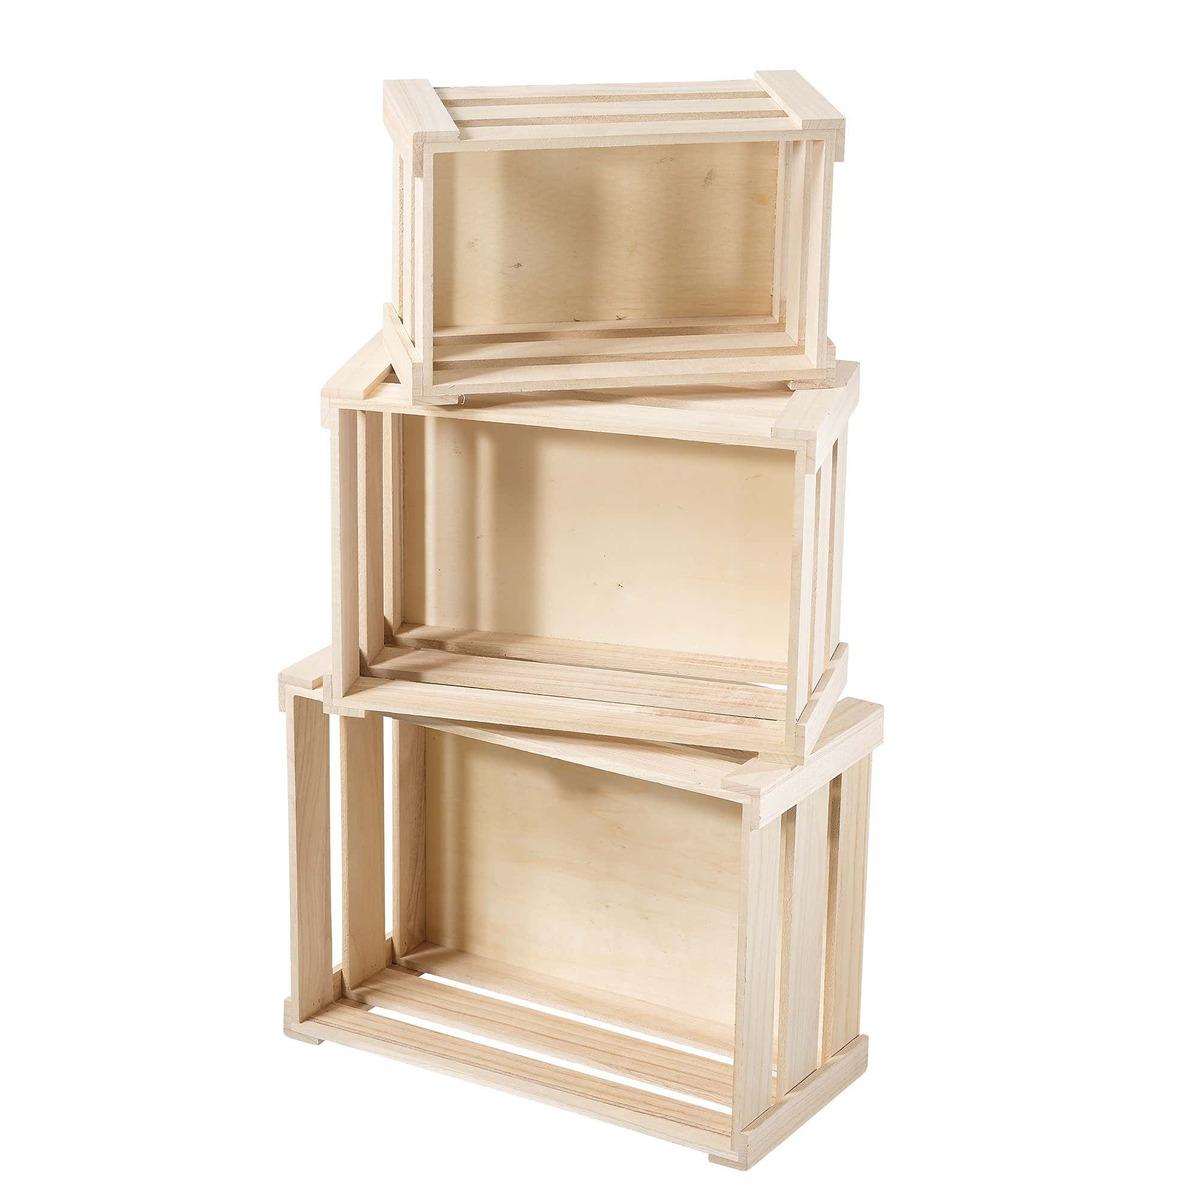 Bild 3 von Holzbox in verschiedenen Größen